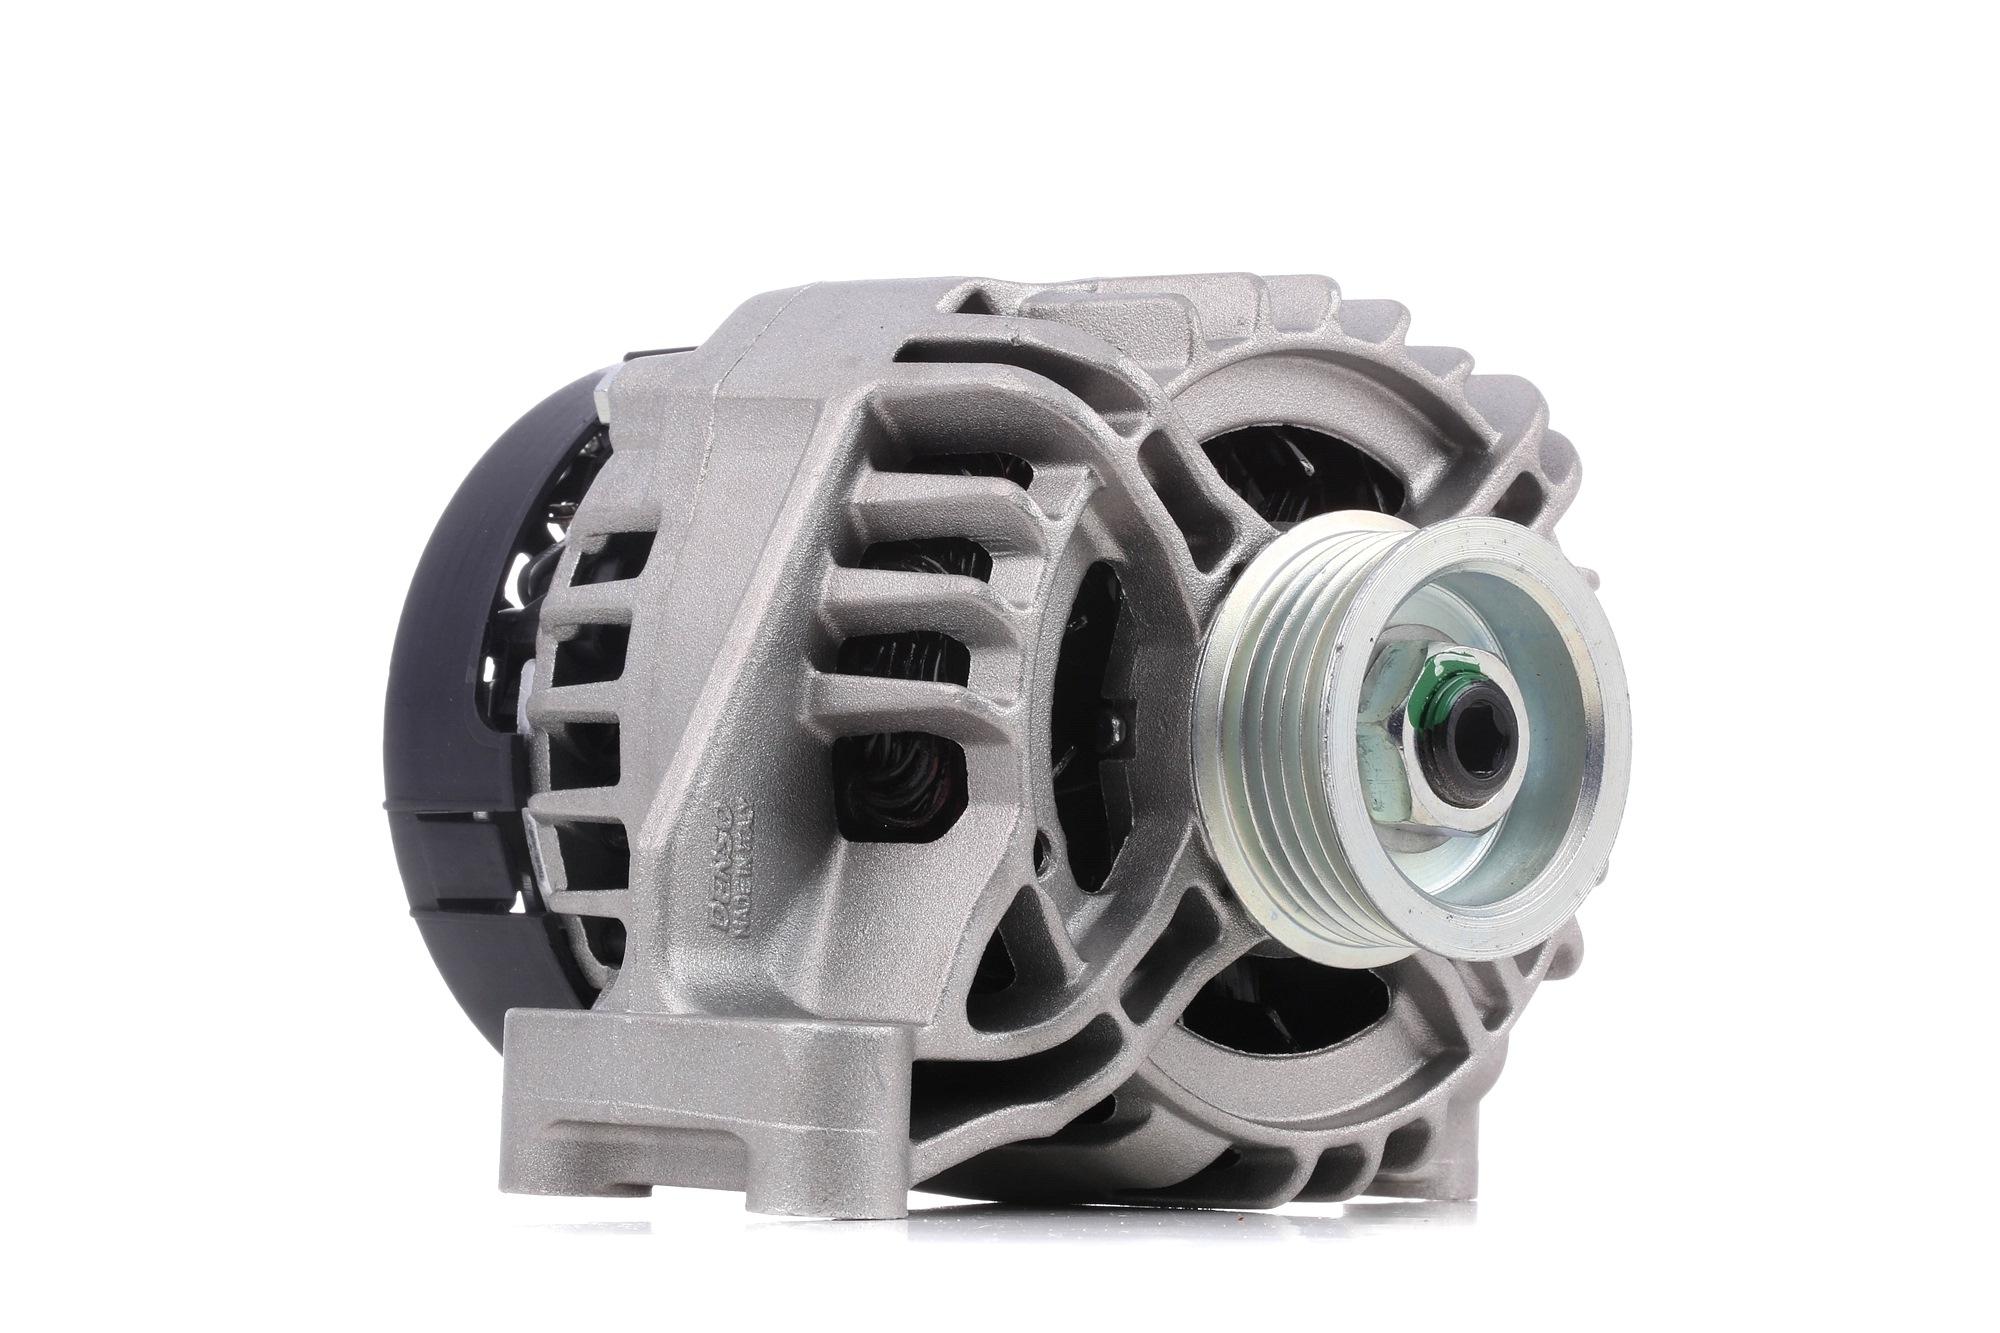 Δυναμό LRA02545 LUCAS ELECTRICAL με μια εξαιρετική αναλογία τιμής - απόδοσης